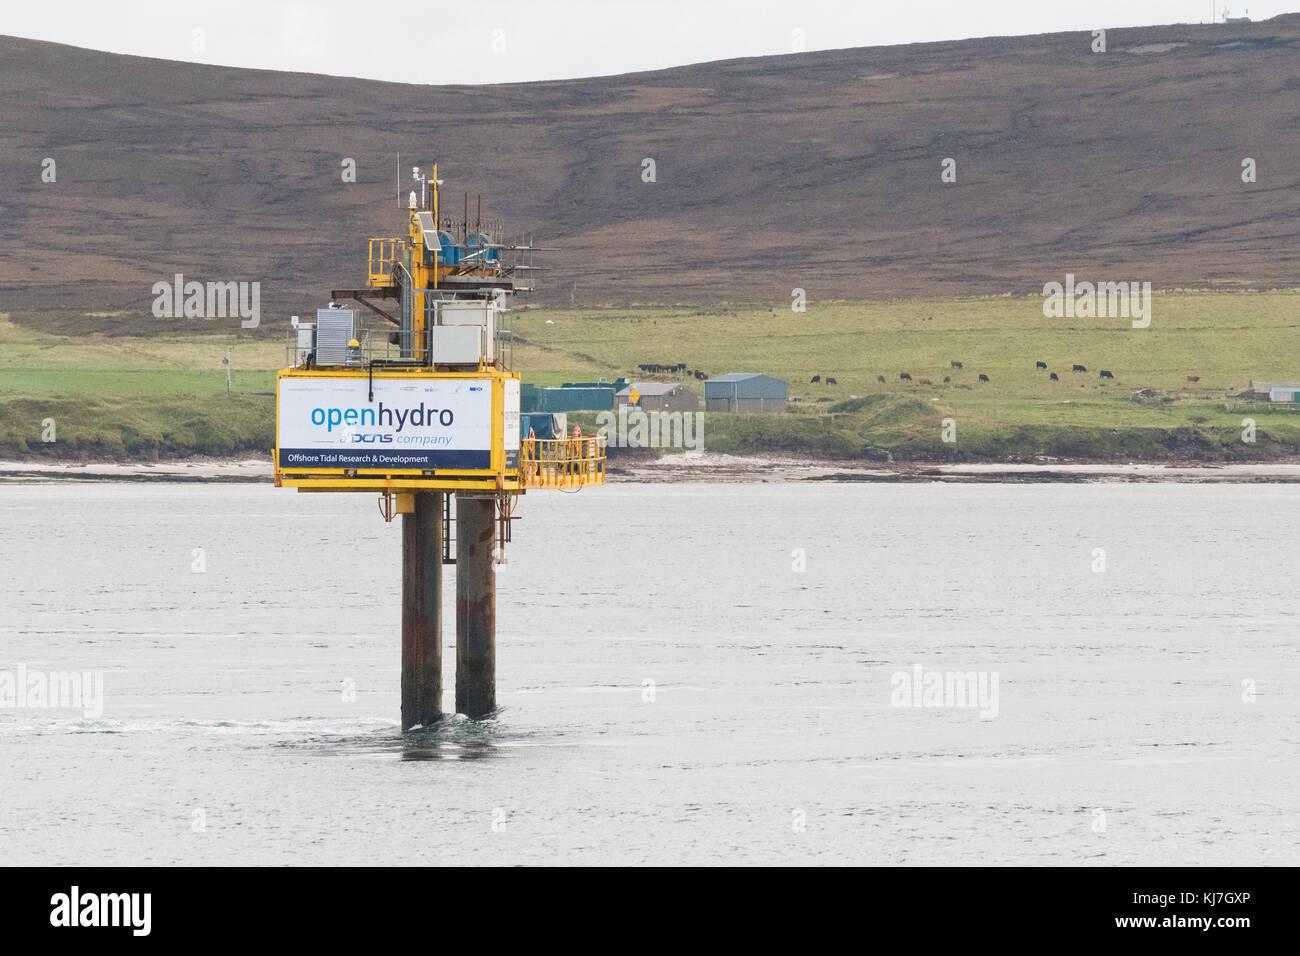 Energía mareomotriz emec sitio de prueba - prueba de energía mareomotriz de turbinas en condiciones reales Imagen De Stock